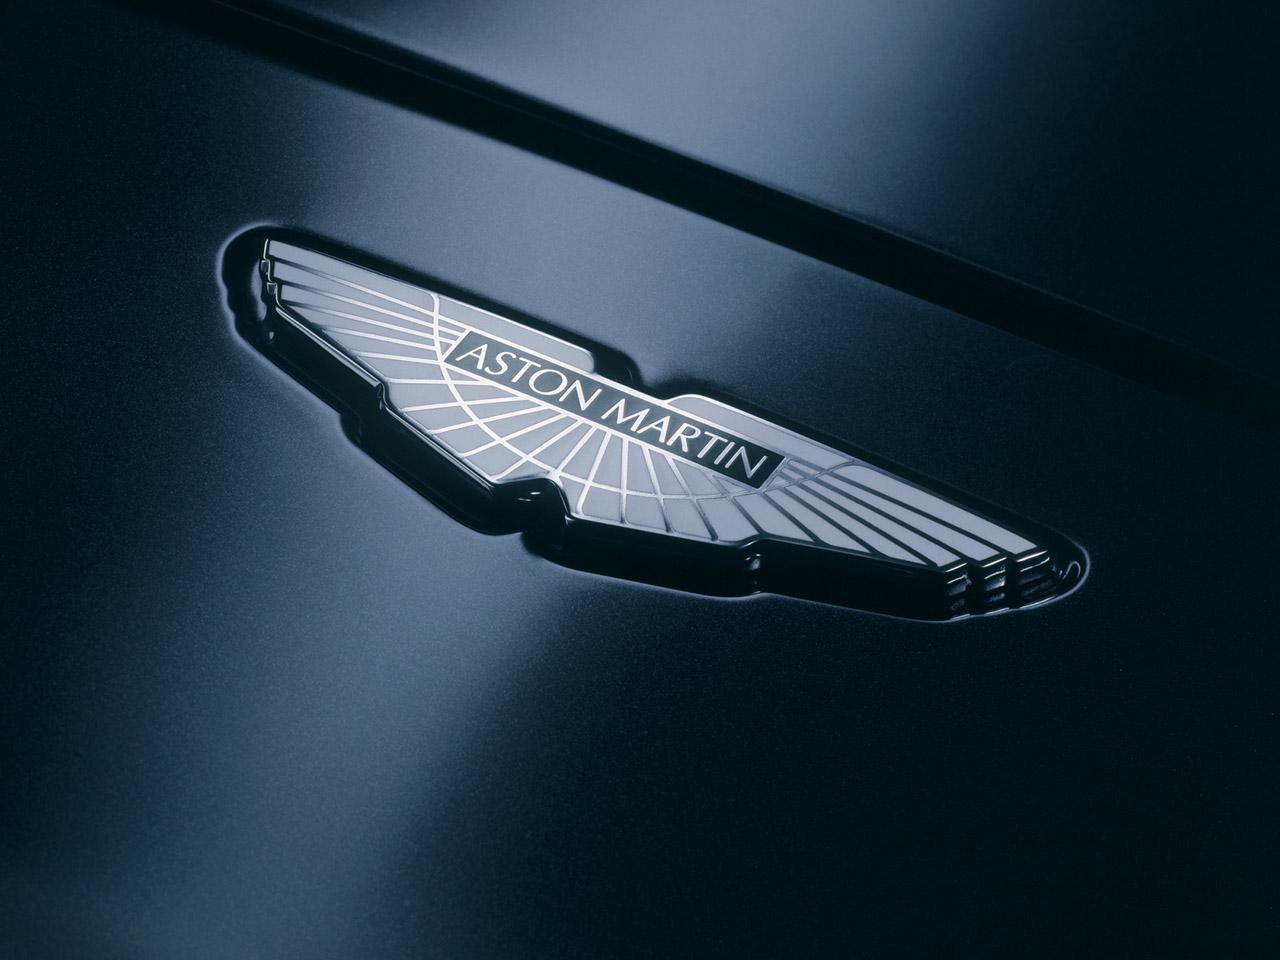 Maseratilogowallpaper 1280x960